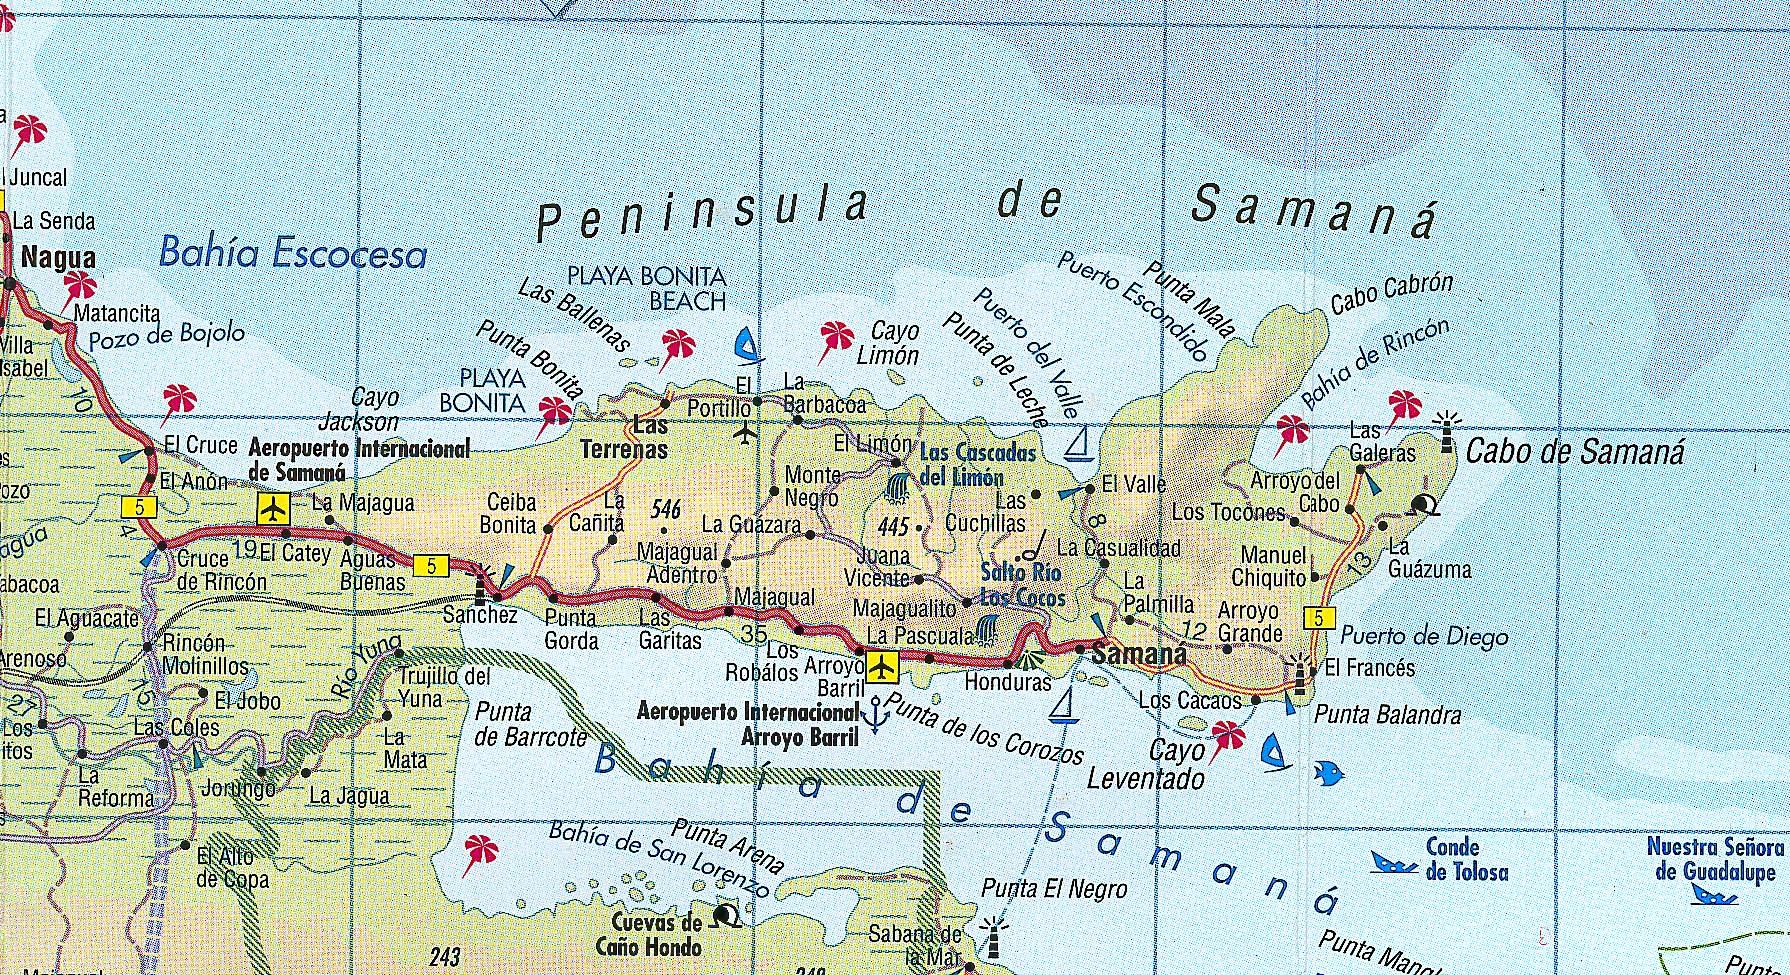 Samana-map.JPG